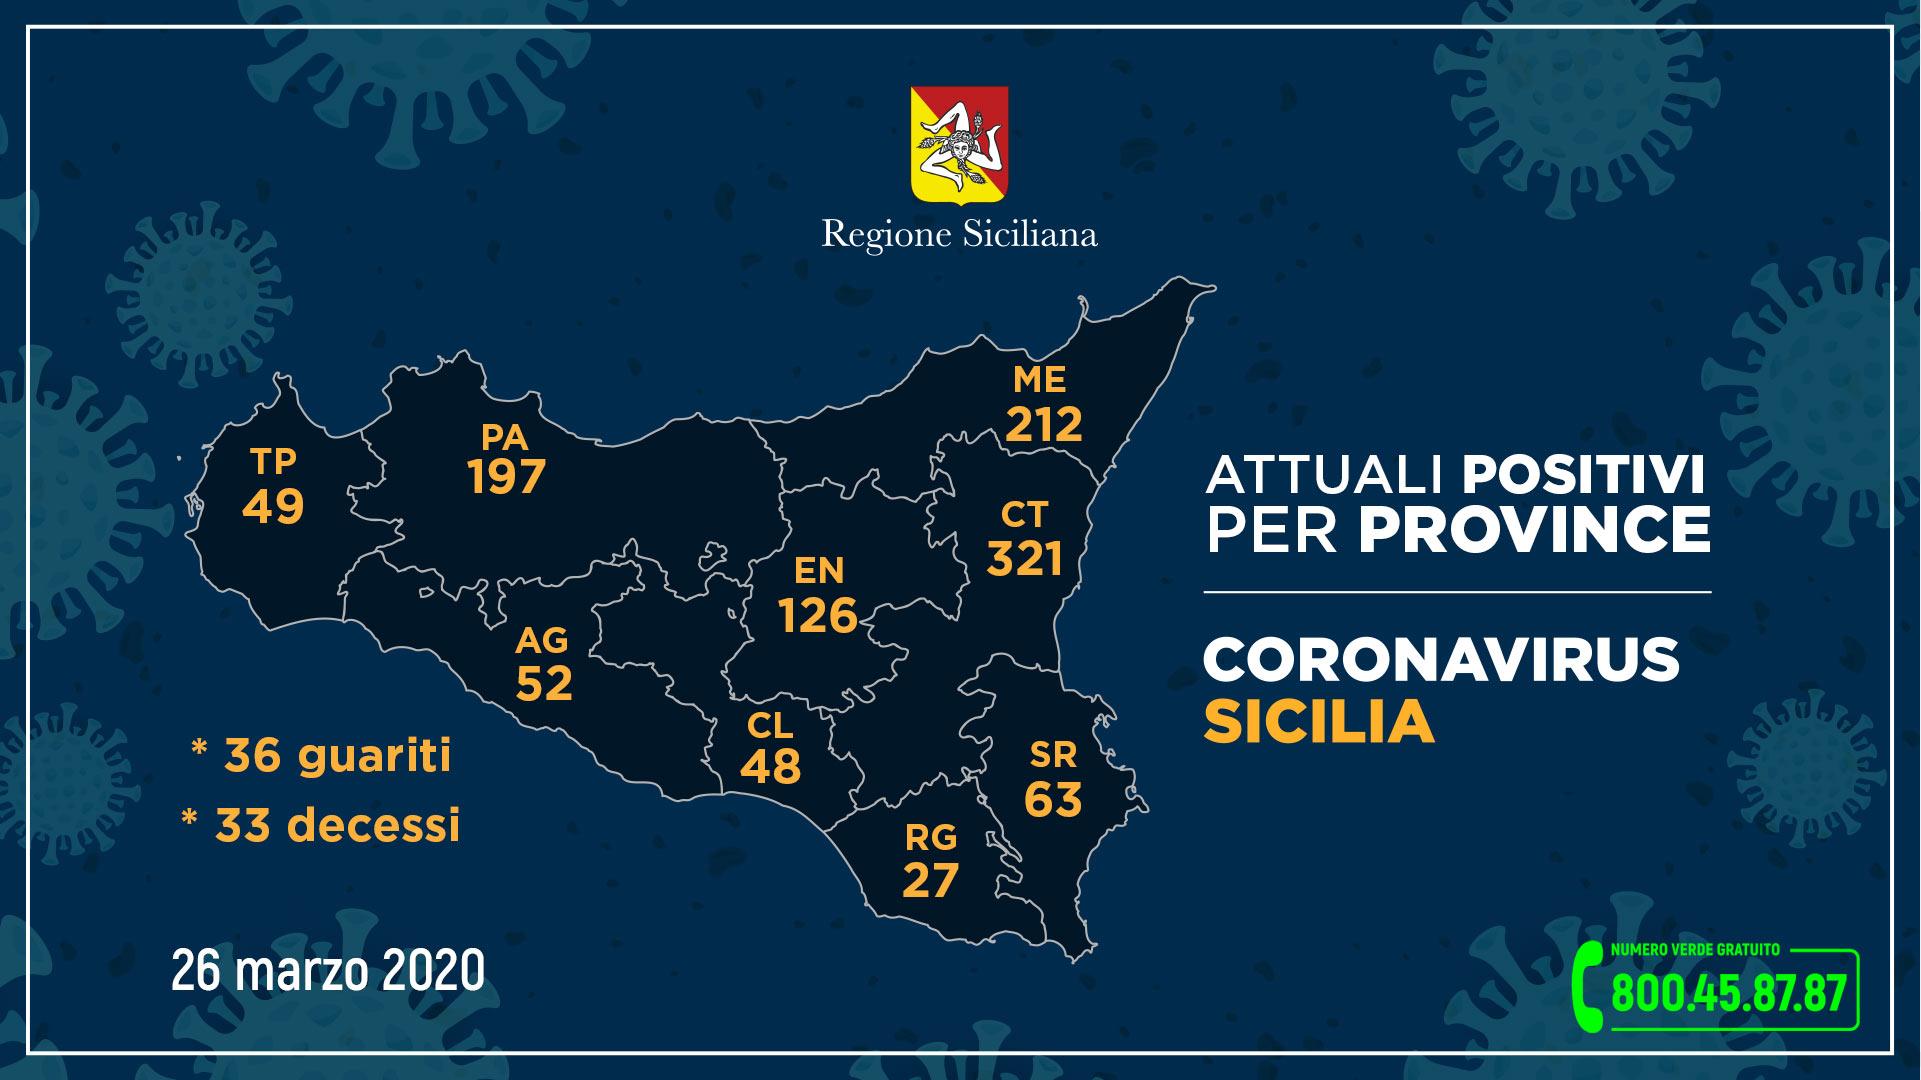 Regione. Covid19, aumento a Messina 212 casi: più 44 in 24ore. Soppressione totale treni per la Sicilia